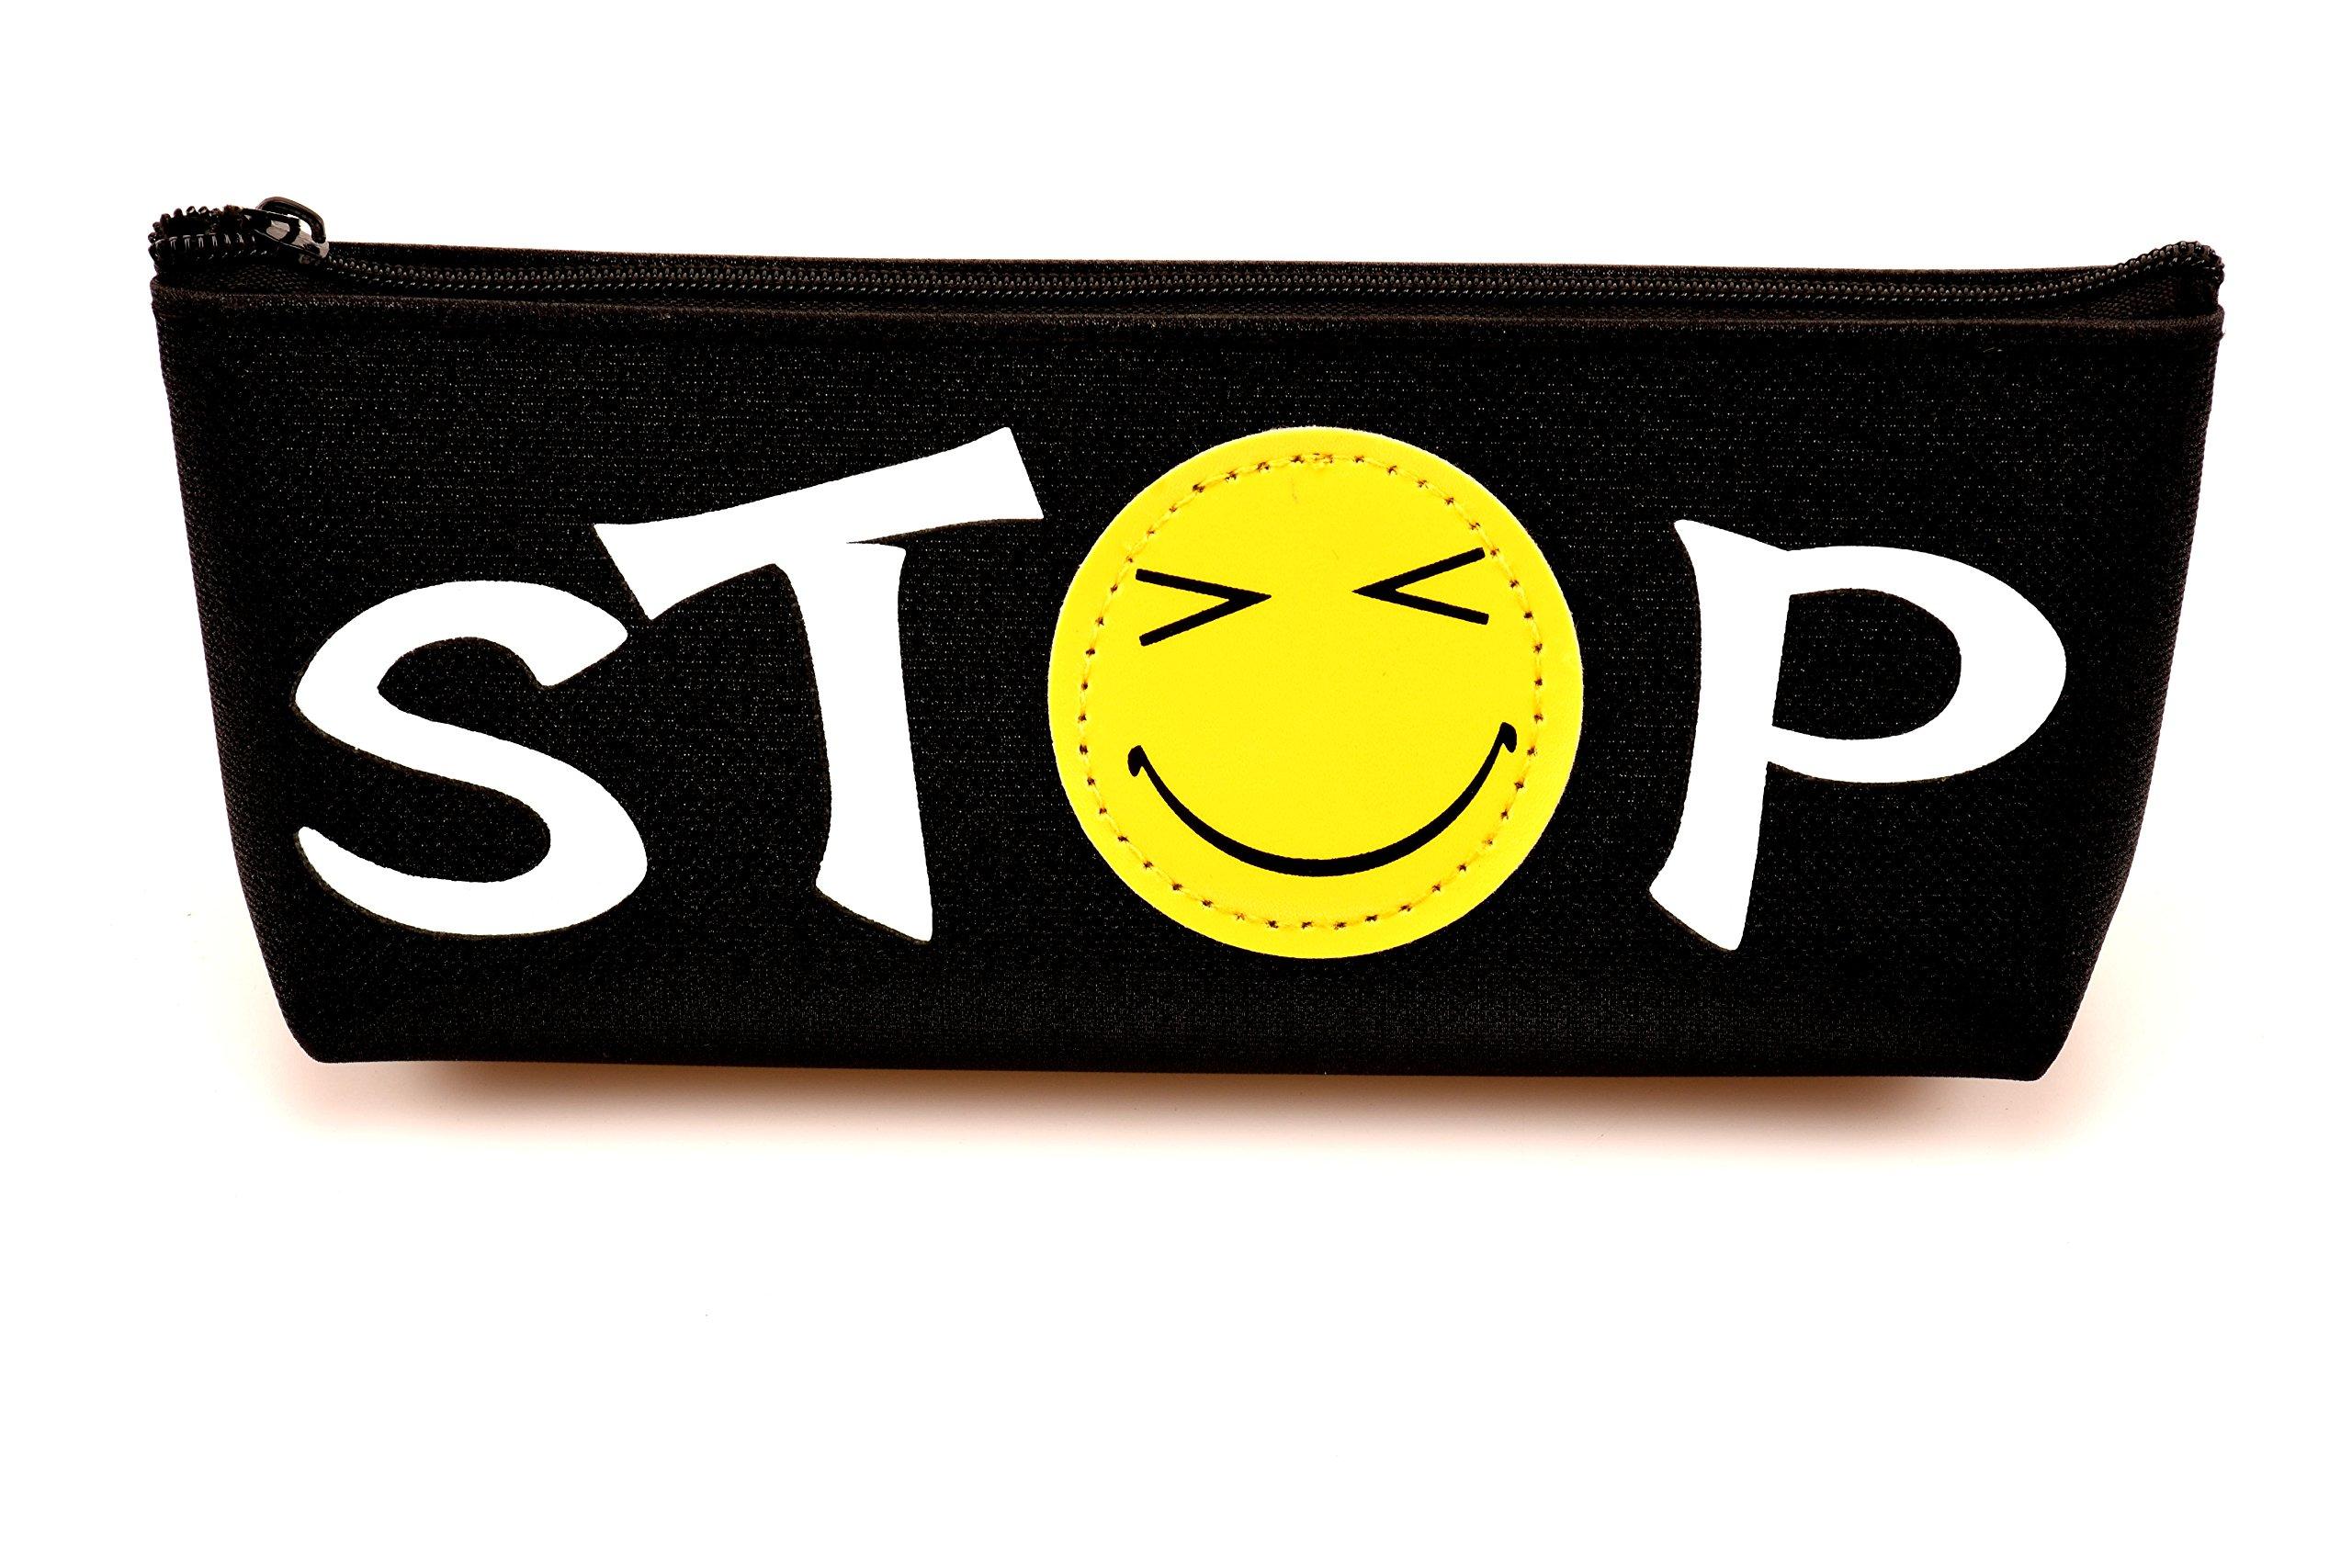 SLD emoji émoticône crayon Stylo Housse étui sac avec fermeture éclair Noir, visage souriant Expression papeterie Box